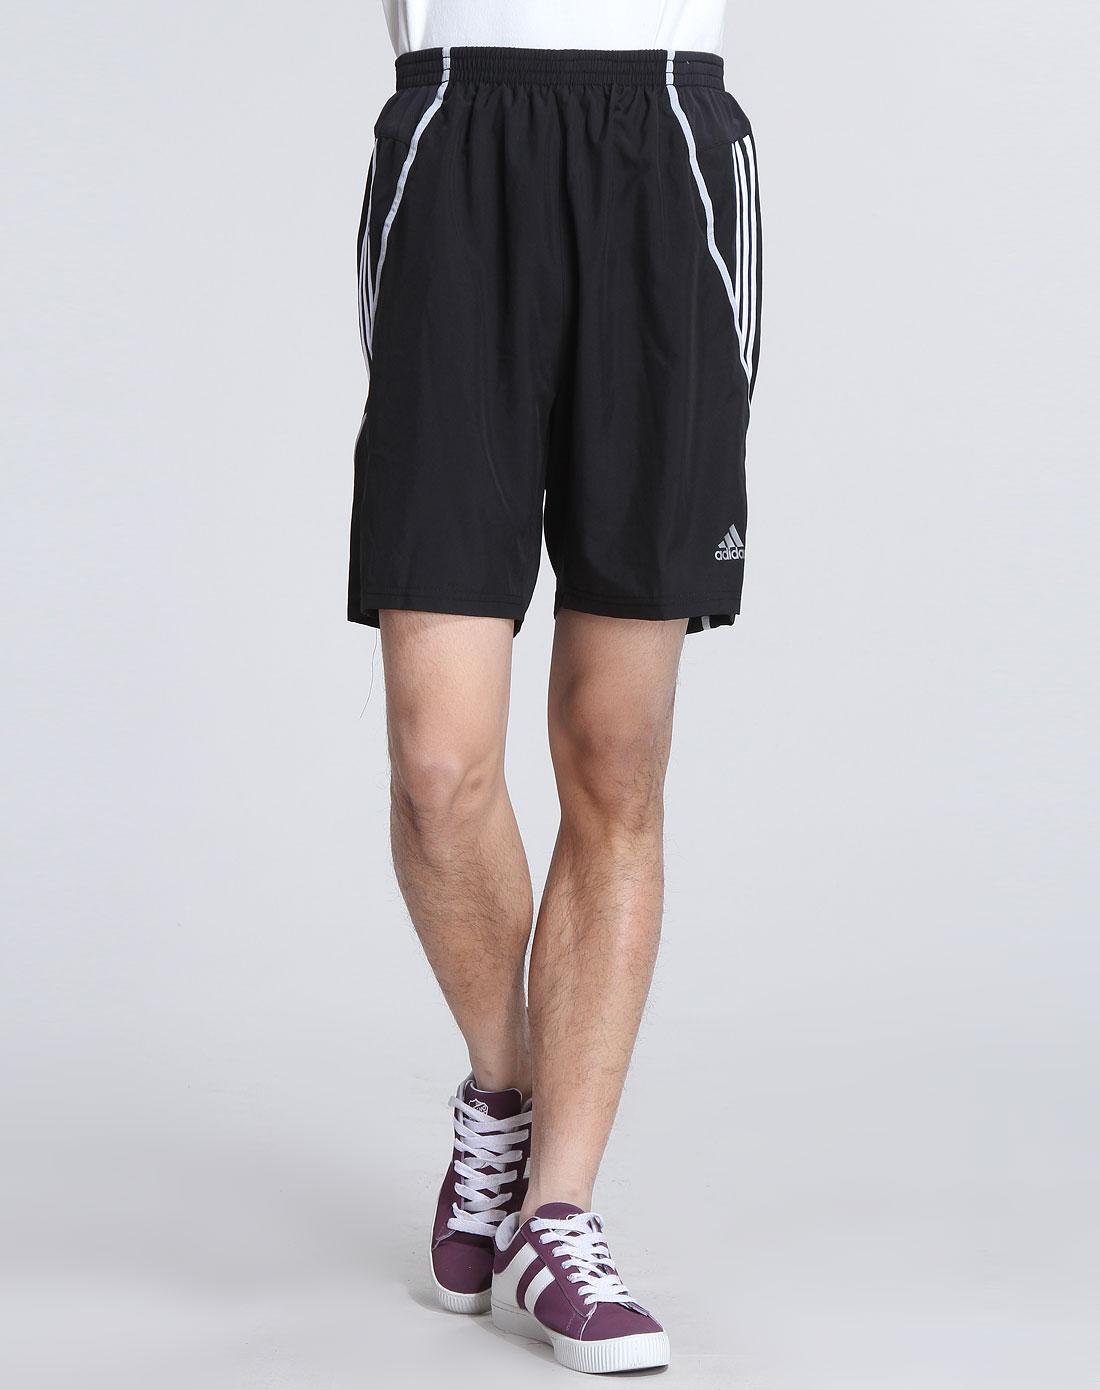 阿迪达斯adidas男装专场-男款黑色舒适跑步短裤